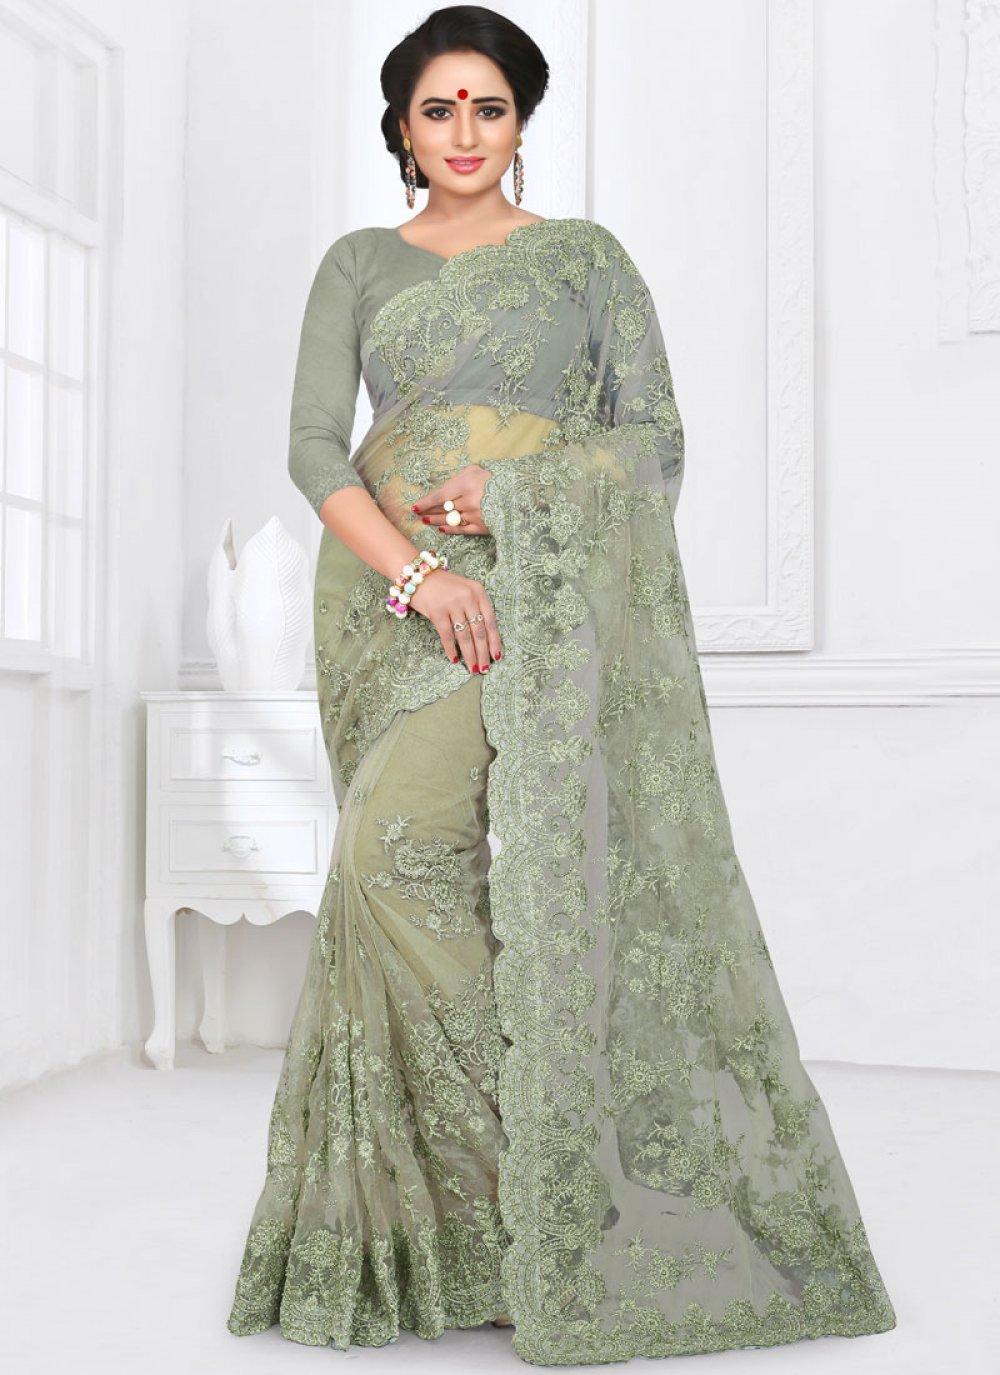 Saree Resham Net in Sea Green